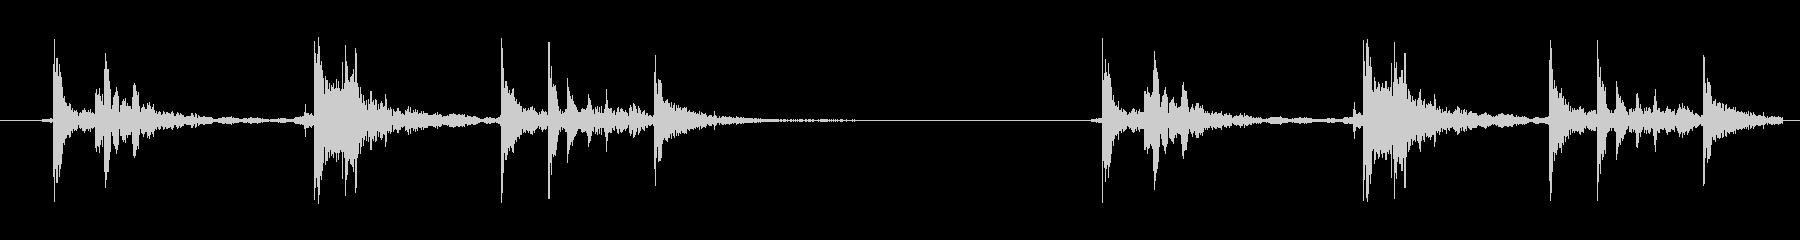 【空き缶/効果音/からんころん】の未再生の波形